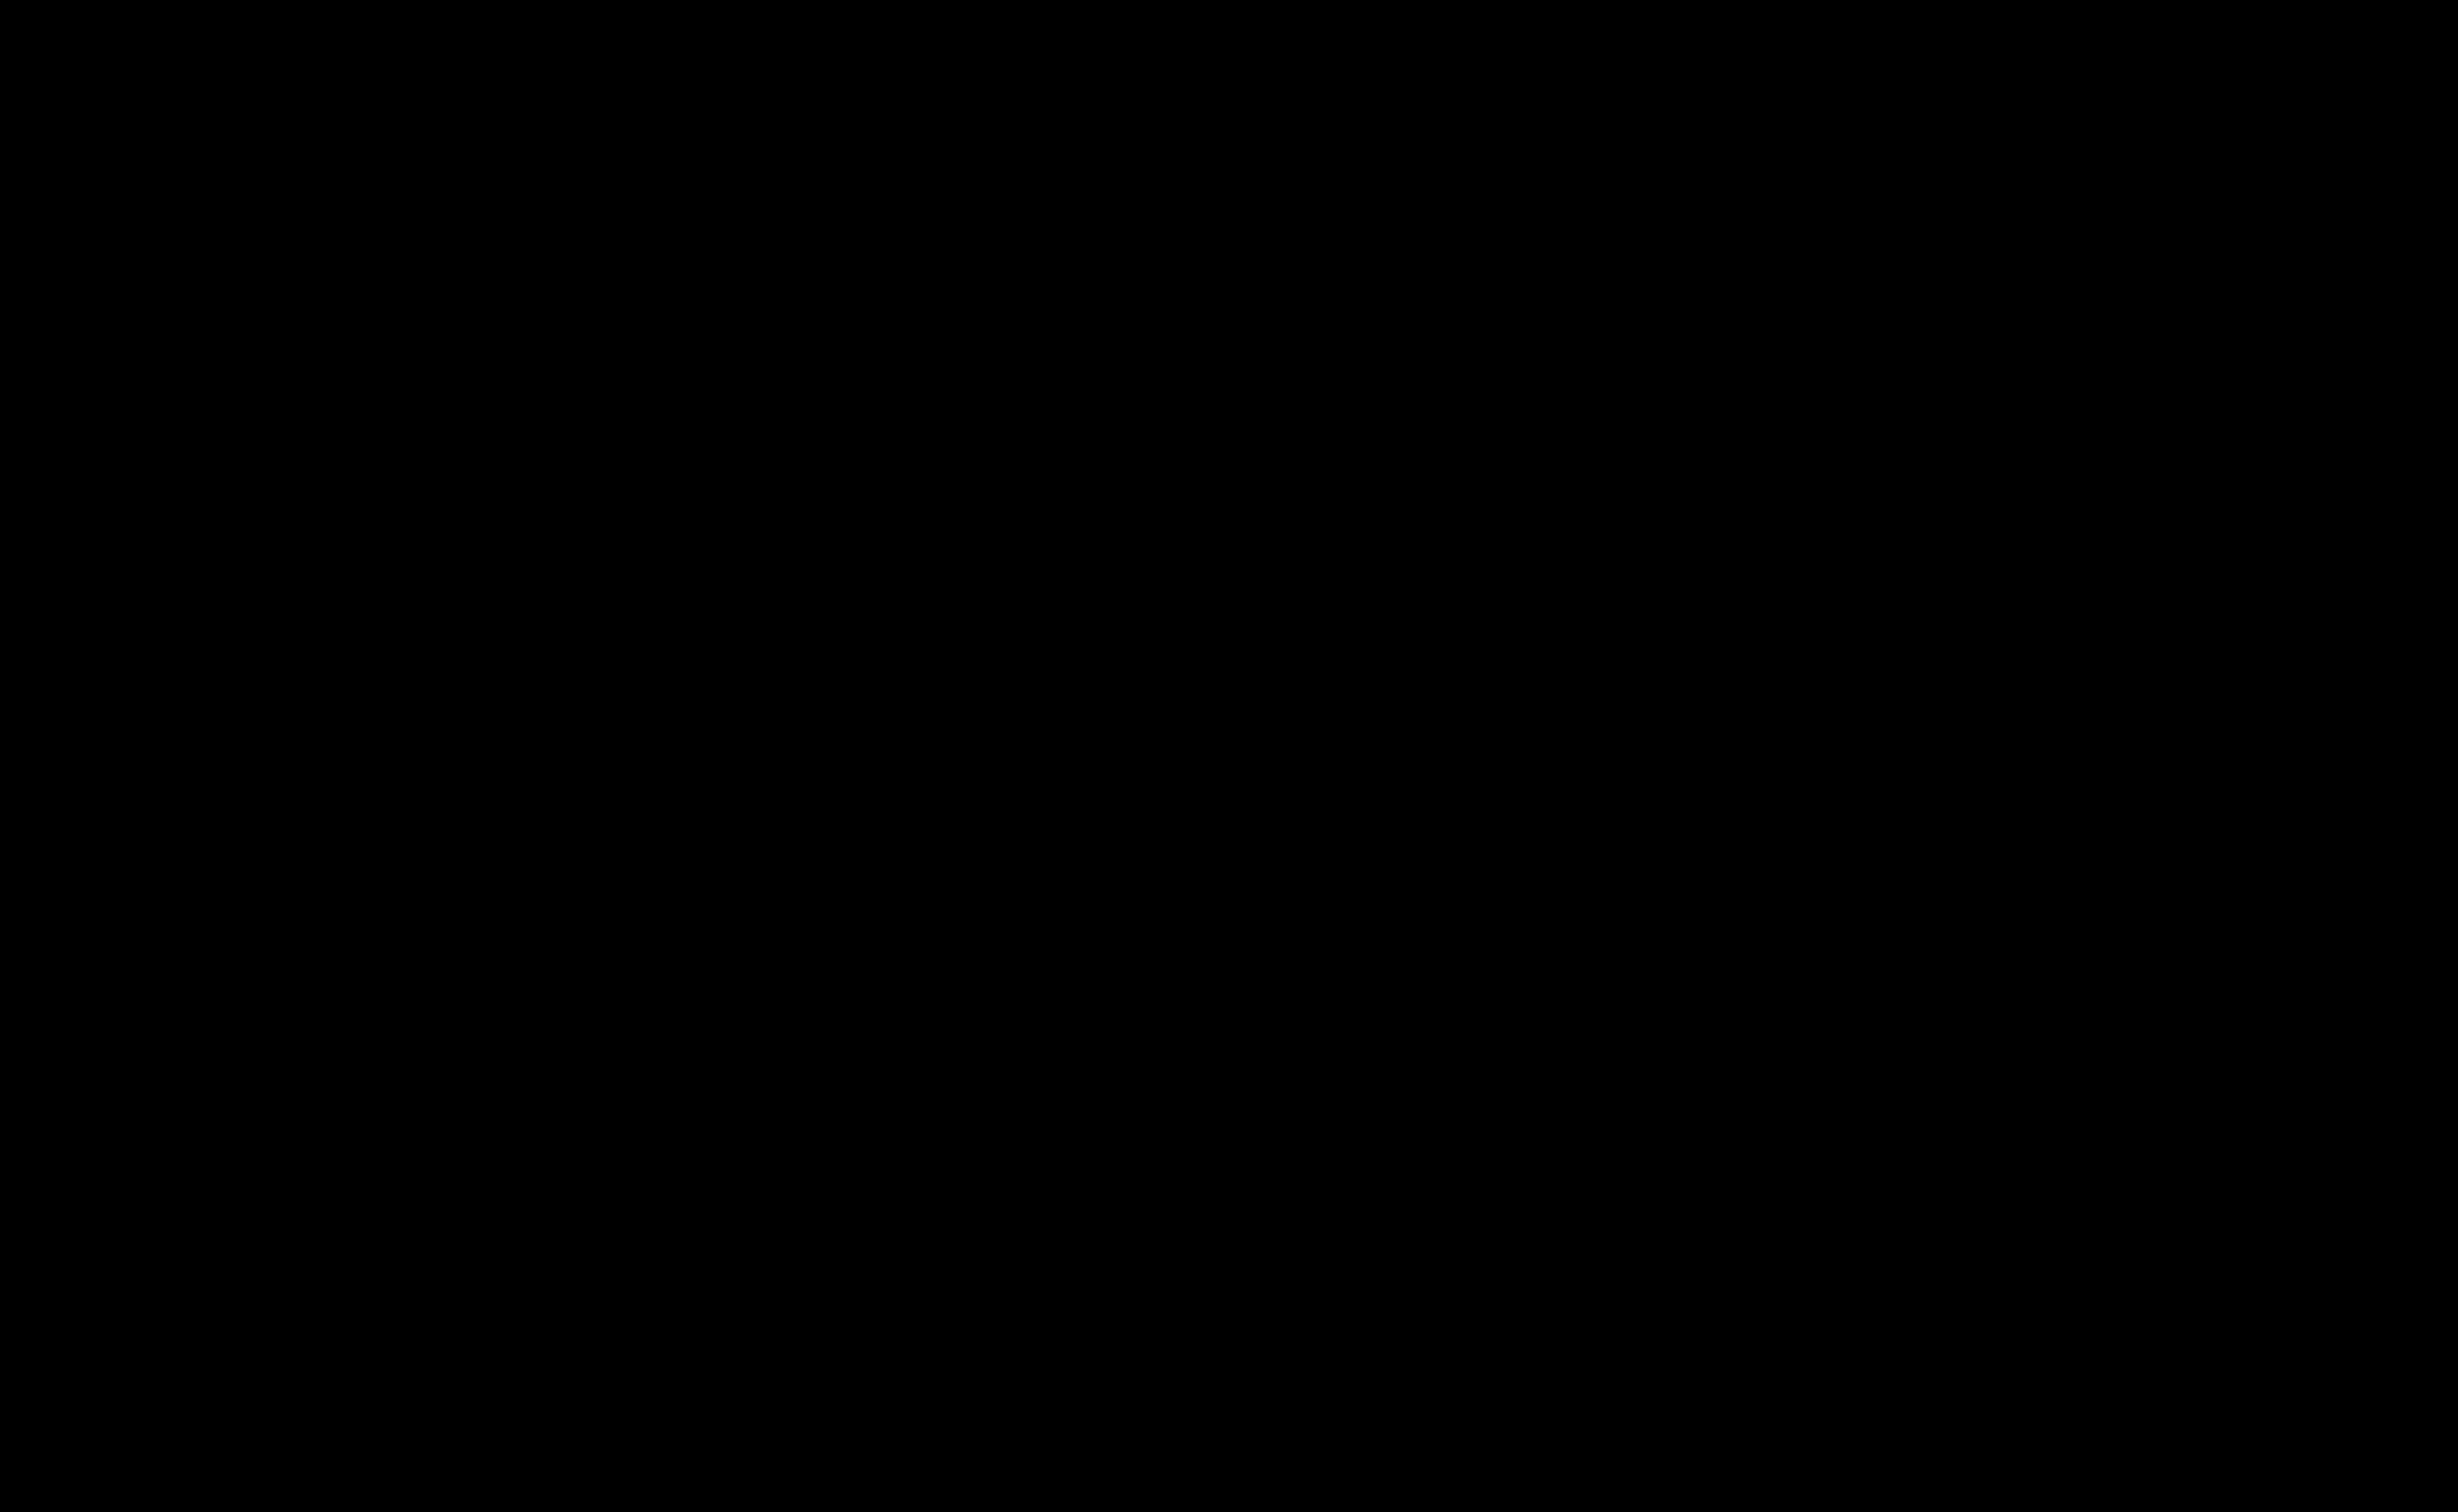 cruciblelogo-transparent.png